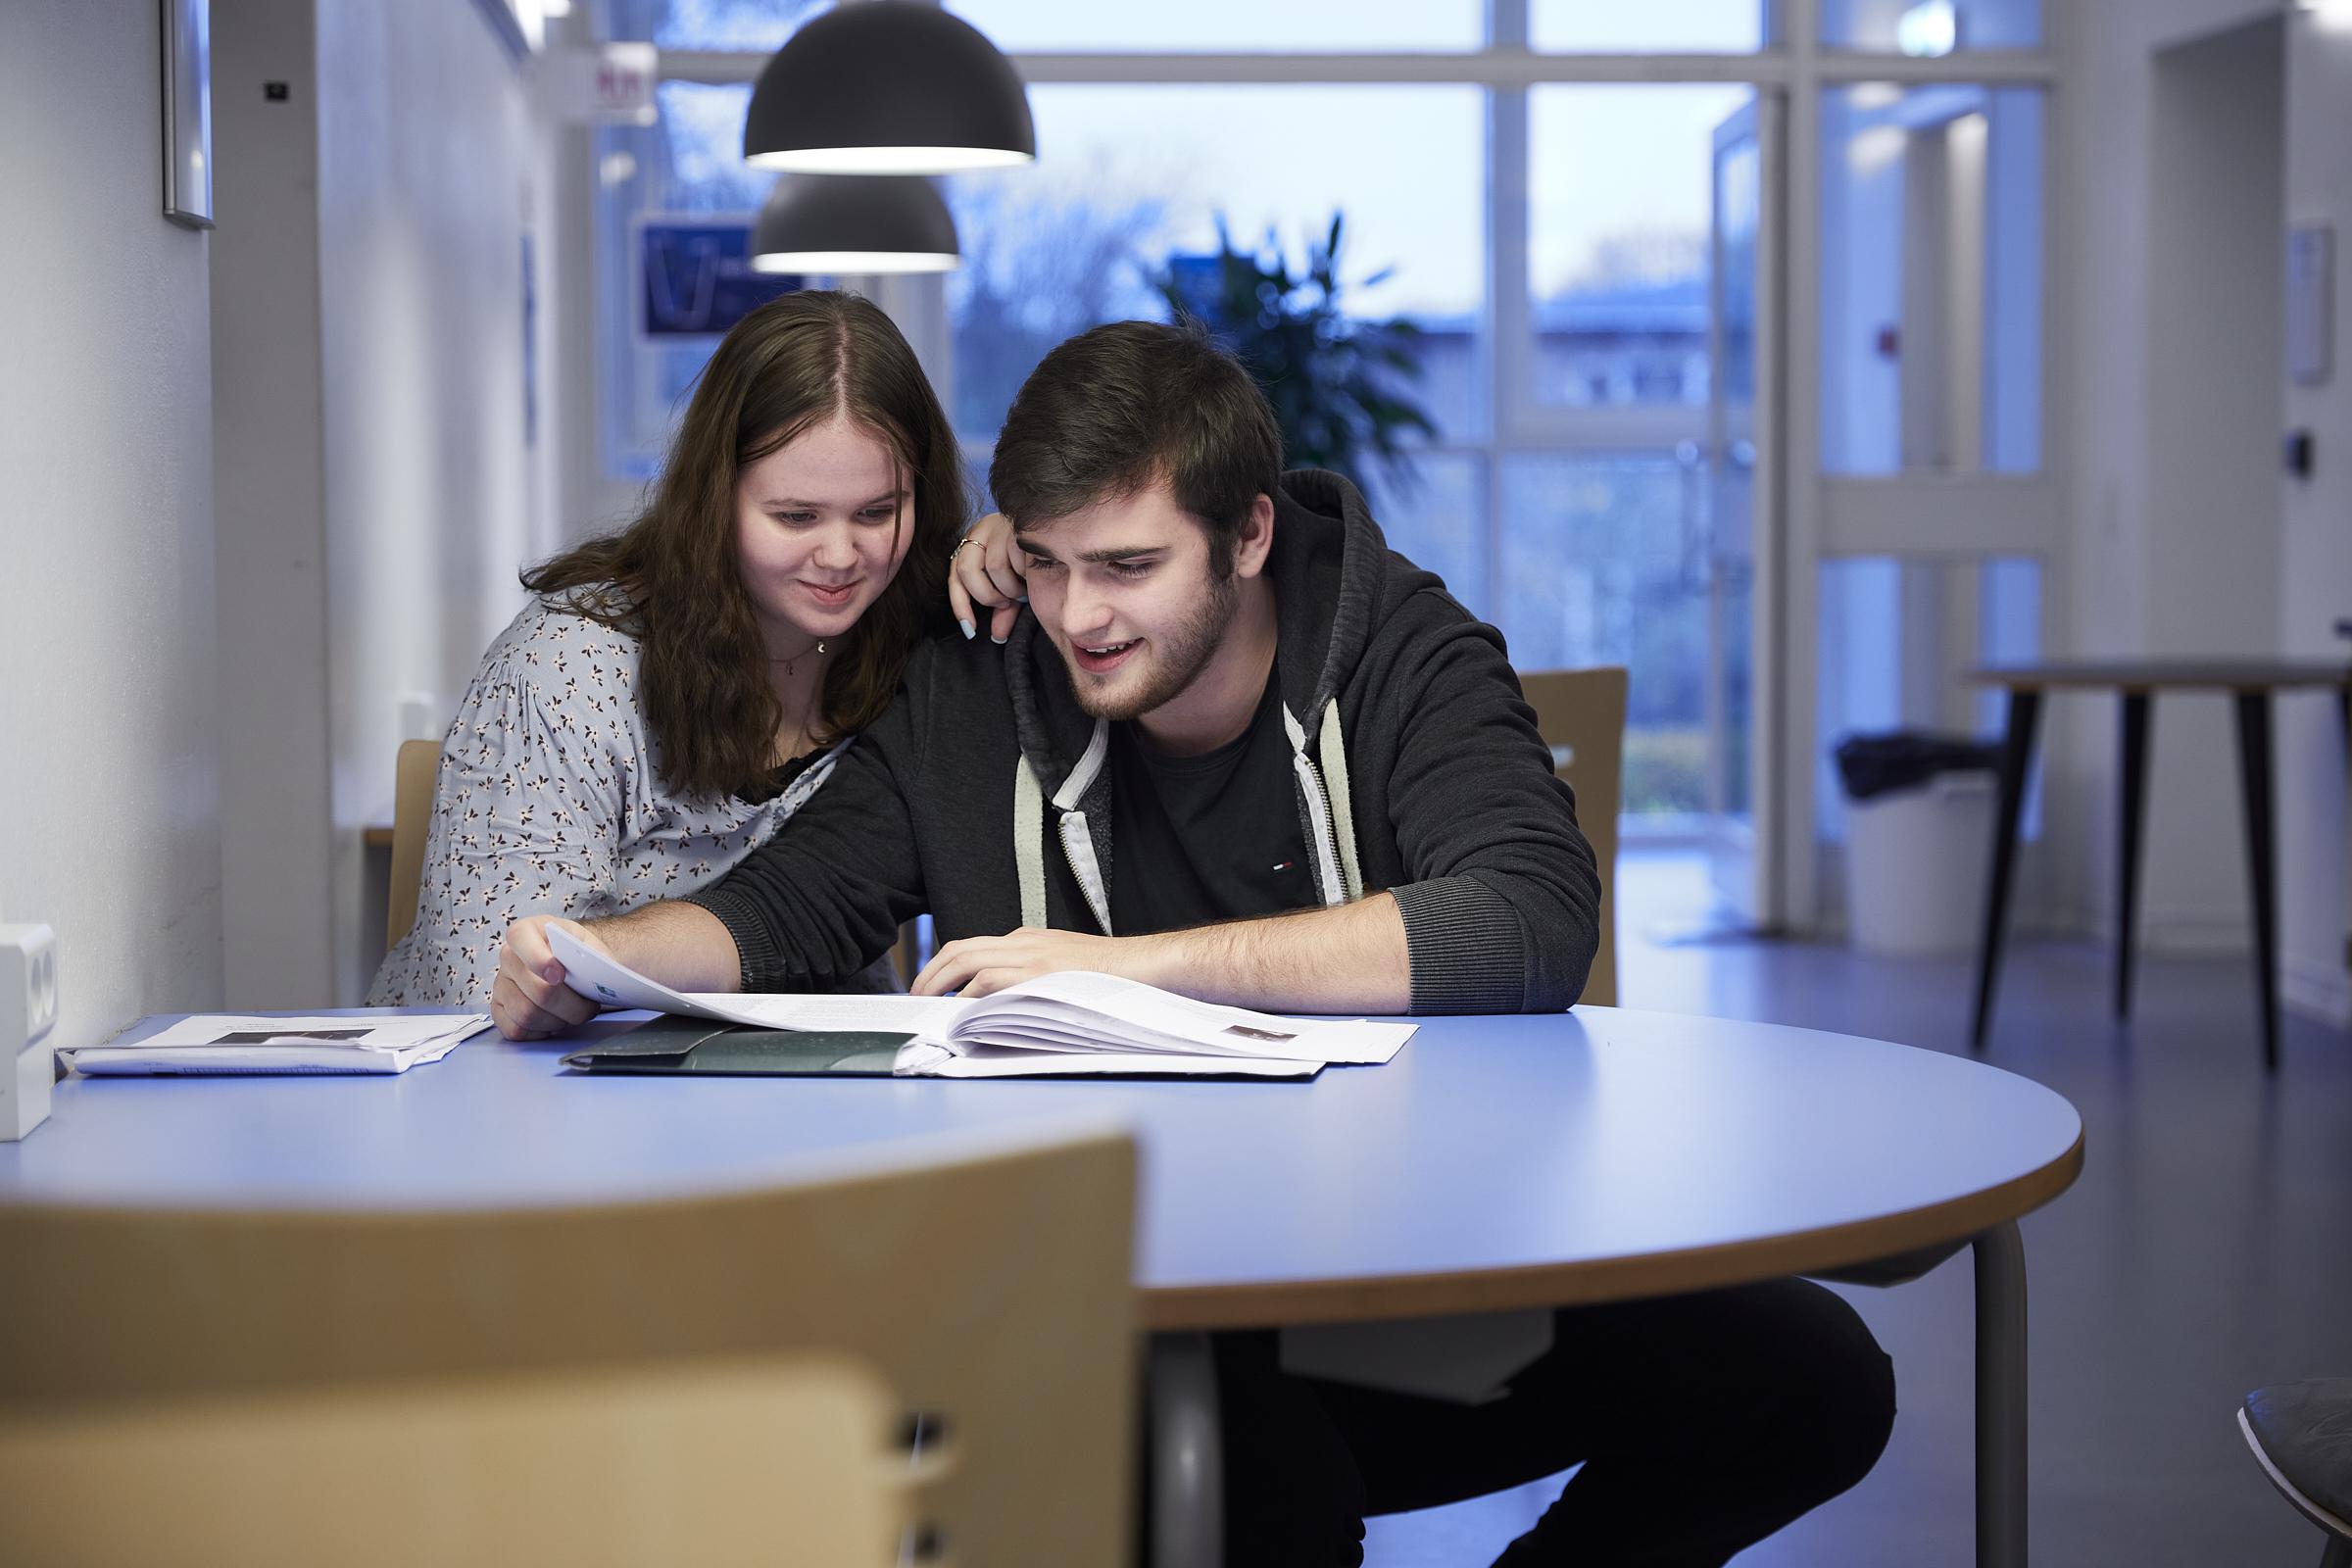 To studerende arbejder ved et bord